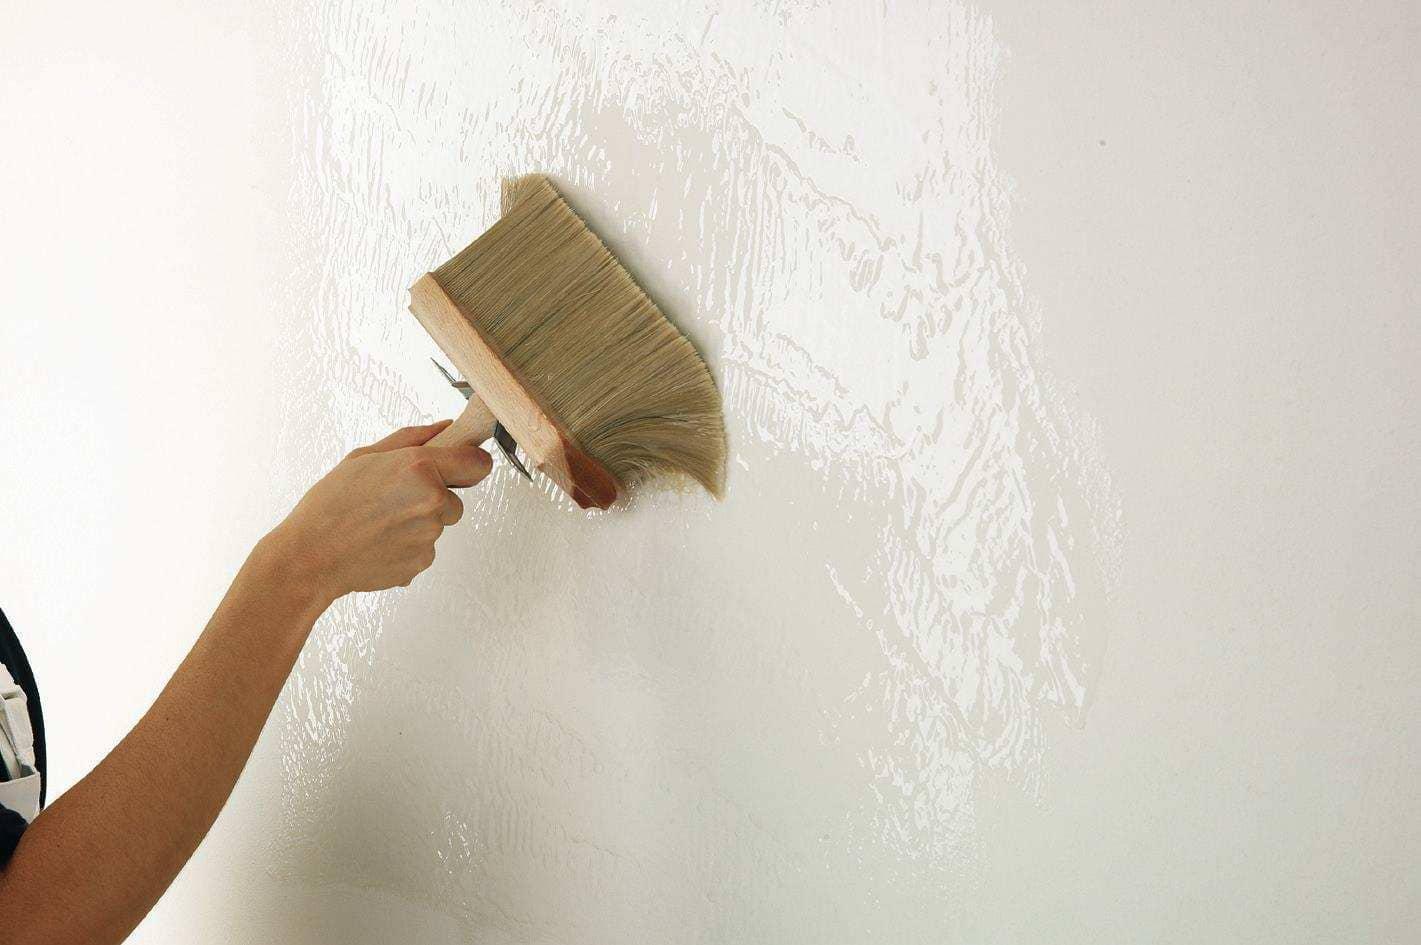 Декоративная штукатурка - лучшие красивые варианты отделки стен в интерьере 160